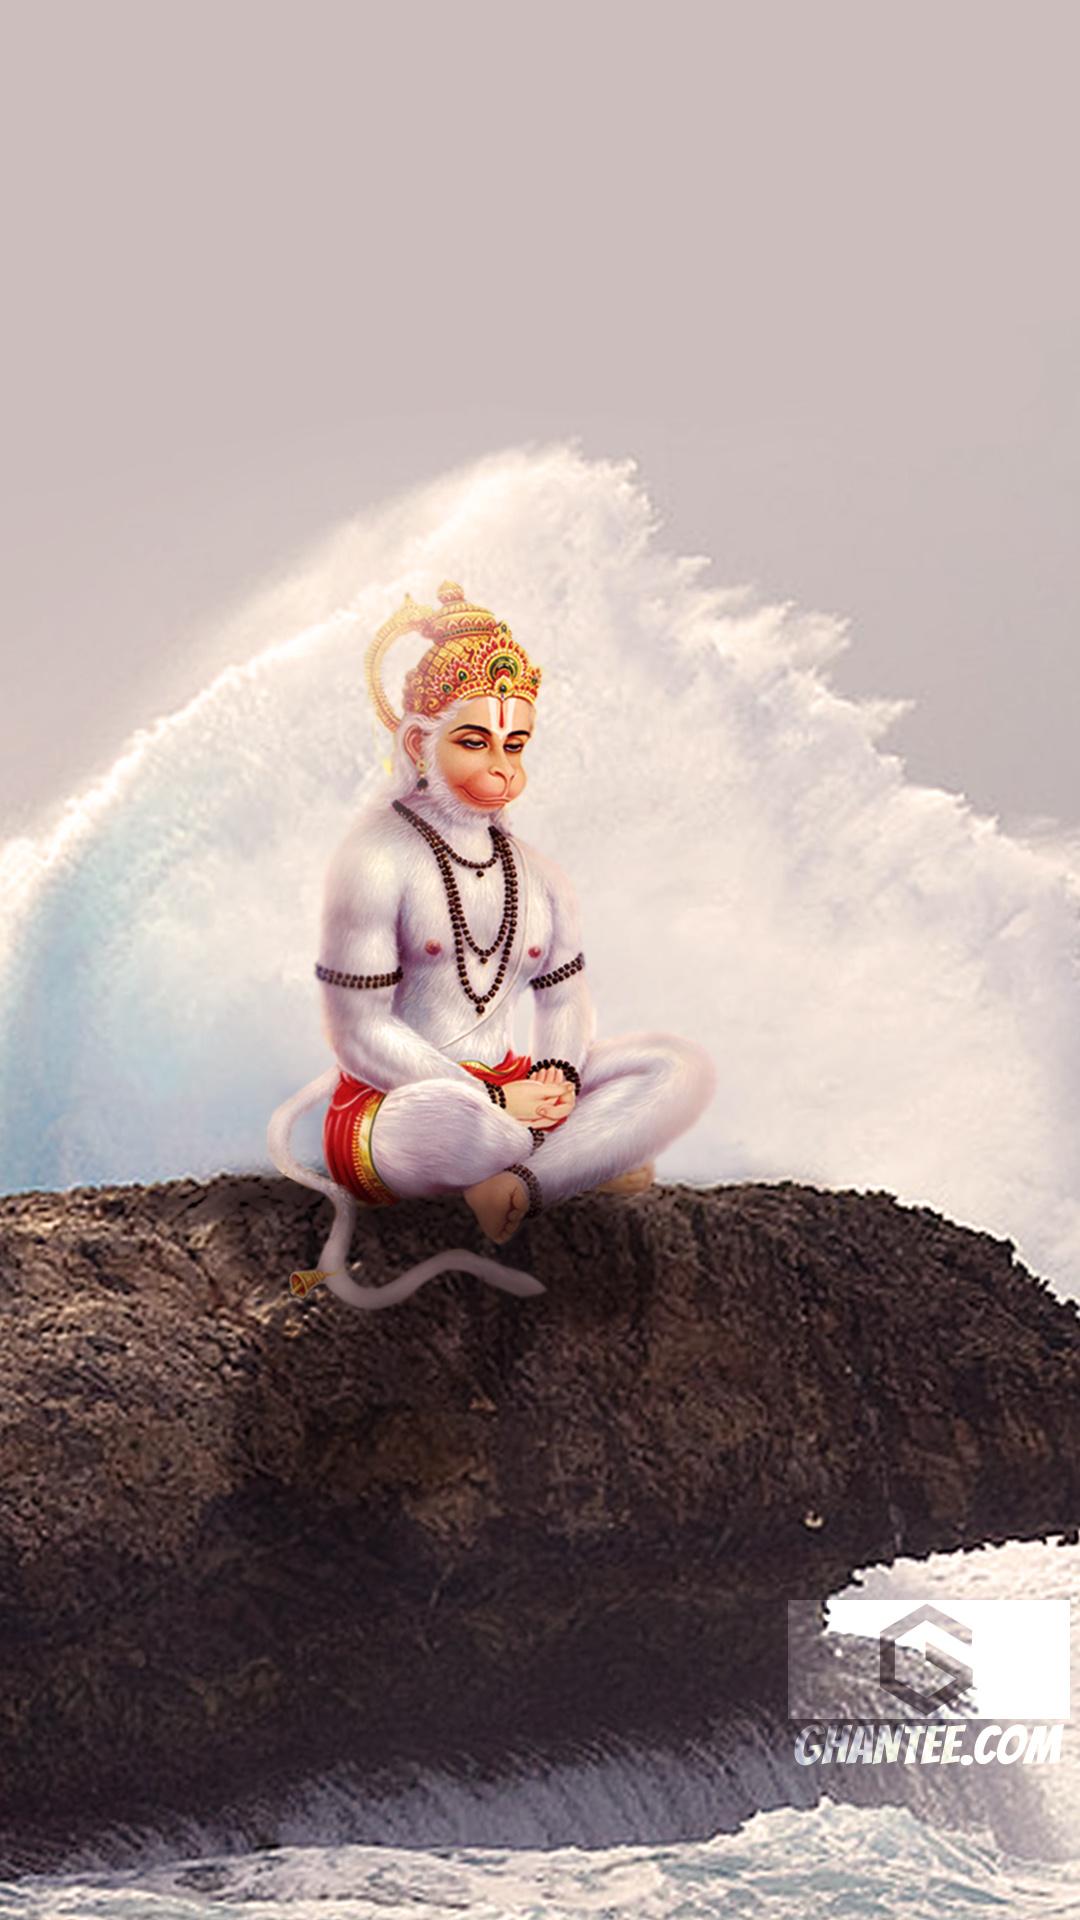 hanuman ji hd photo near shore